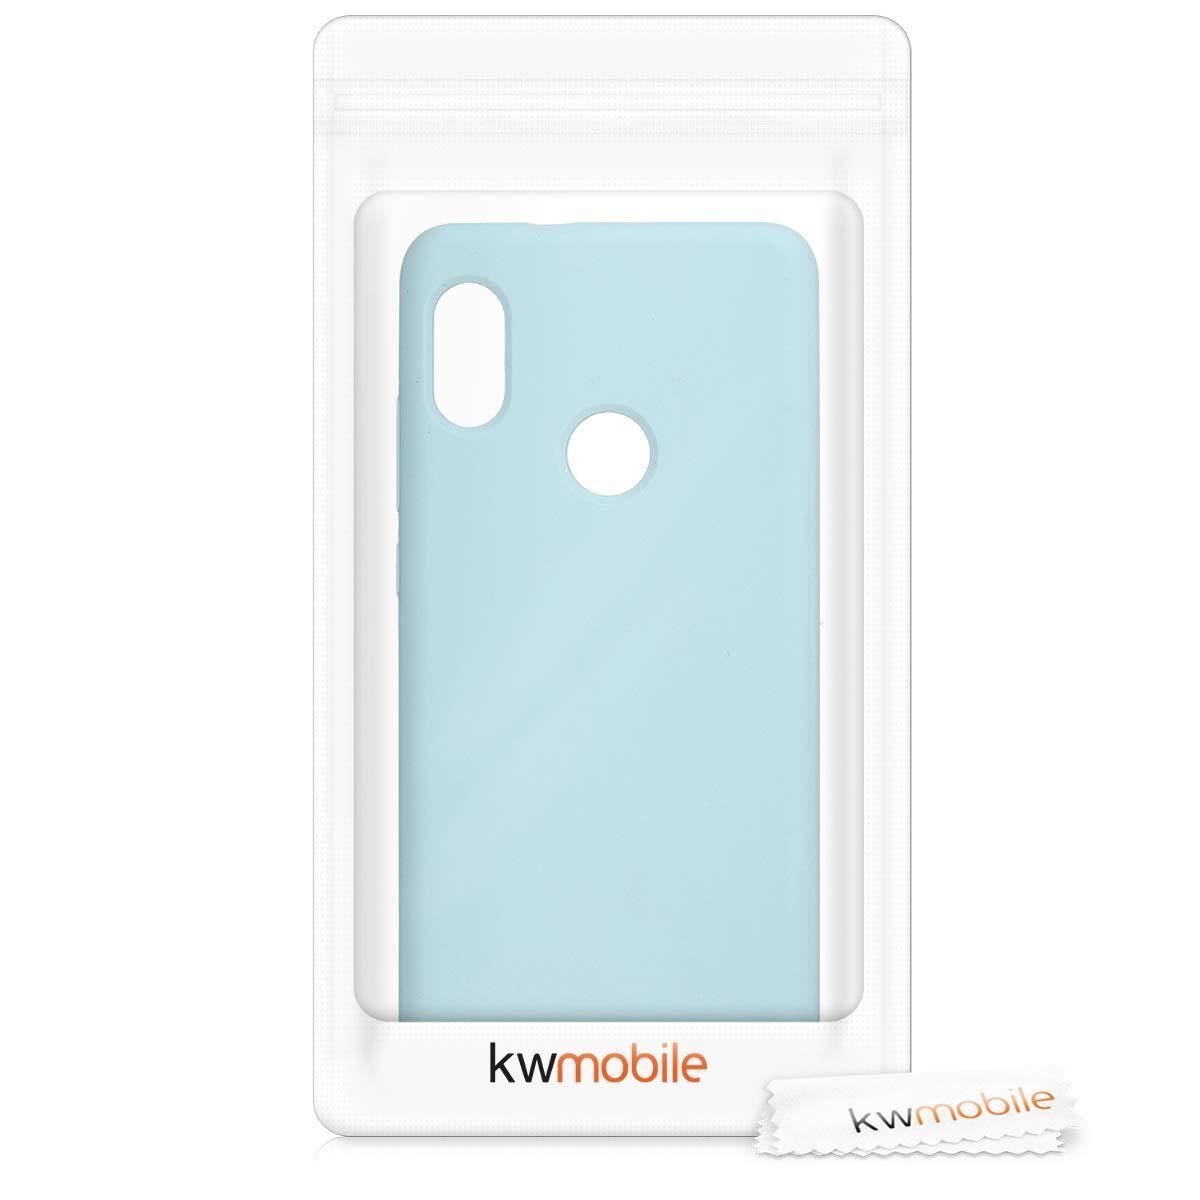 Housse de t/él/éphone en silicone noir mat Global Version kwmobile Coque Xiaomi Redmi Note 5 Coque pour Xiaomi Redmi Note 5 Global Version // Note 5 Pro // Note 5 Pro